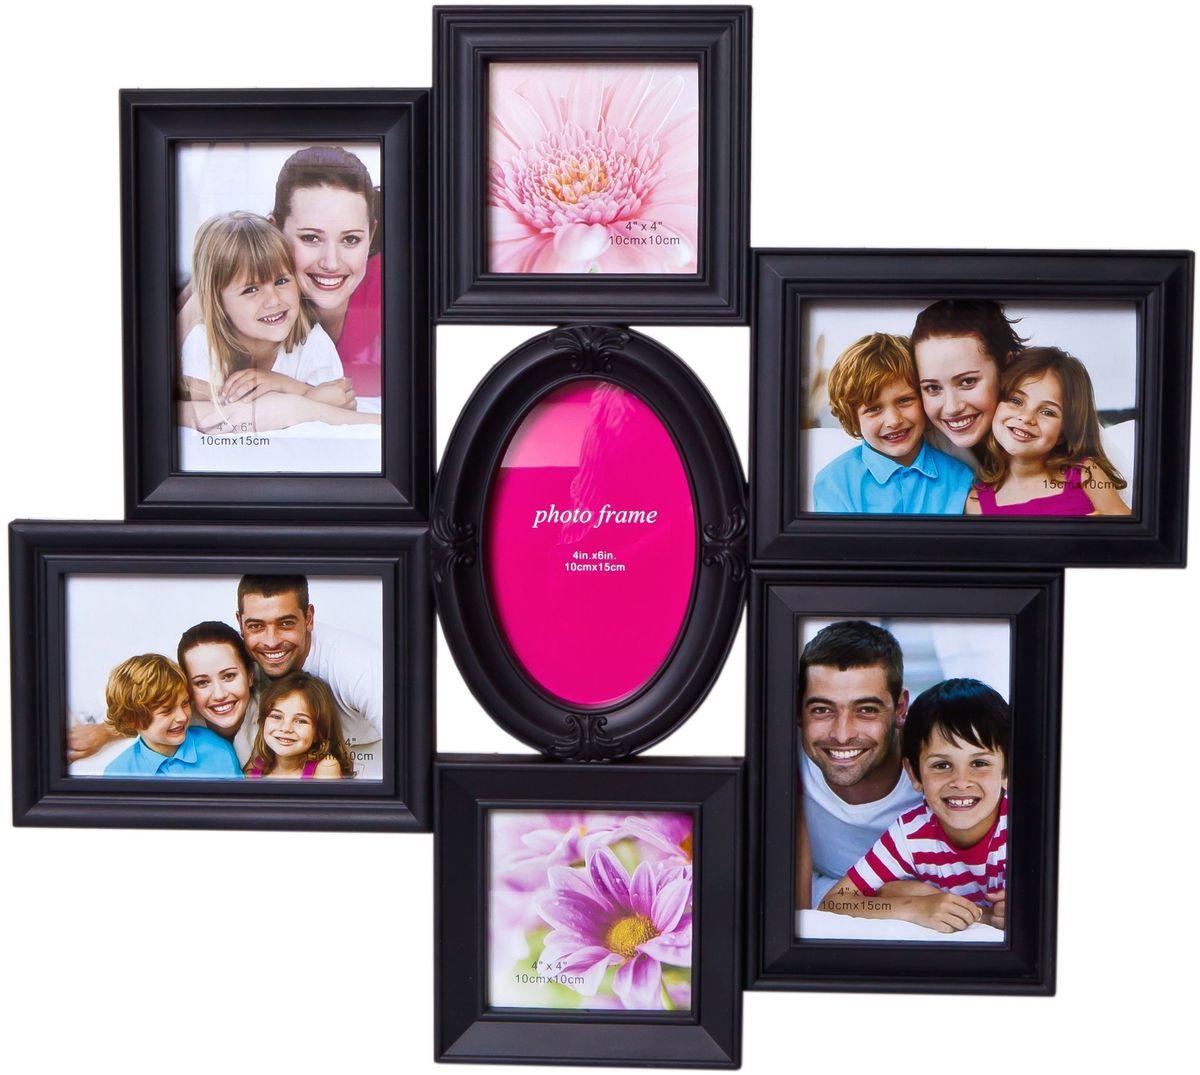 Коллаж Platinum, цвет: черный, 7 фоторамок. BH-1313PLATINUM BH-1313-Black-ЧёрныйПластиковый коллаж с фото следующих размеров: 2 фото 10х10 см,5 фото 10х15 см.